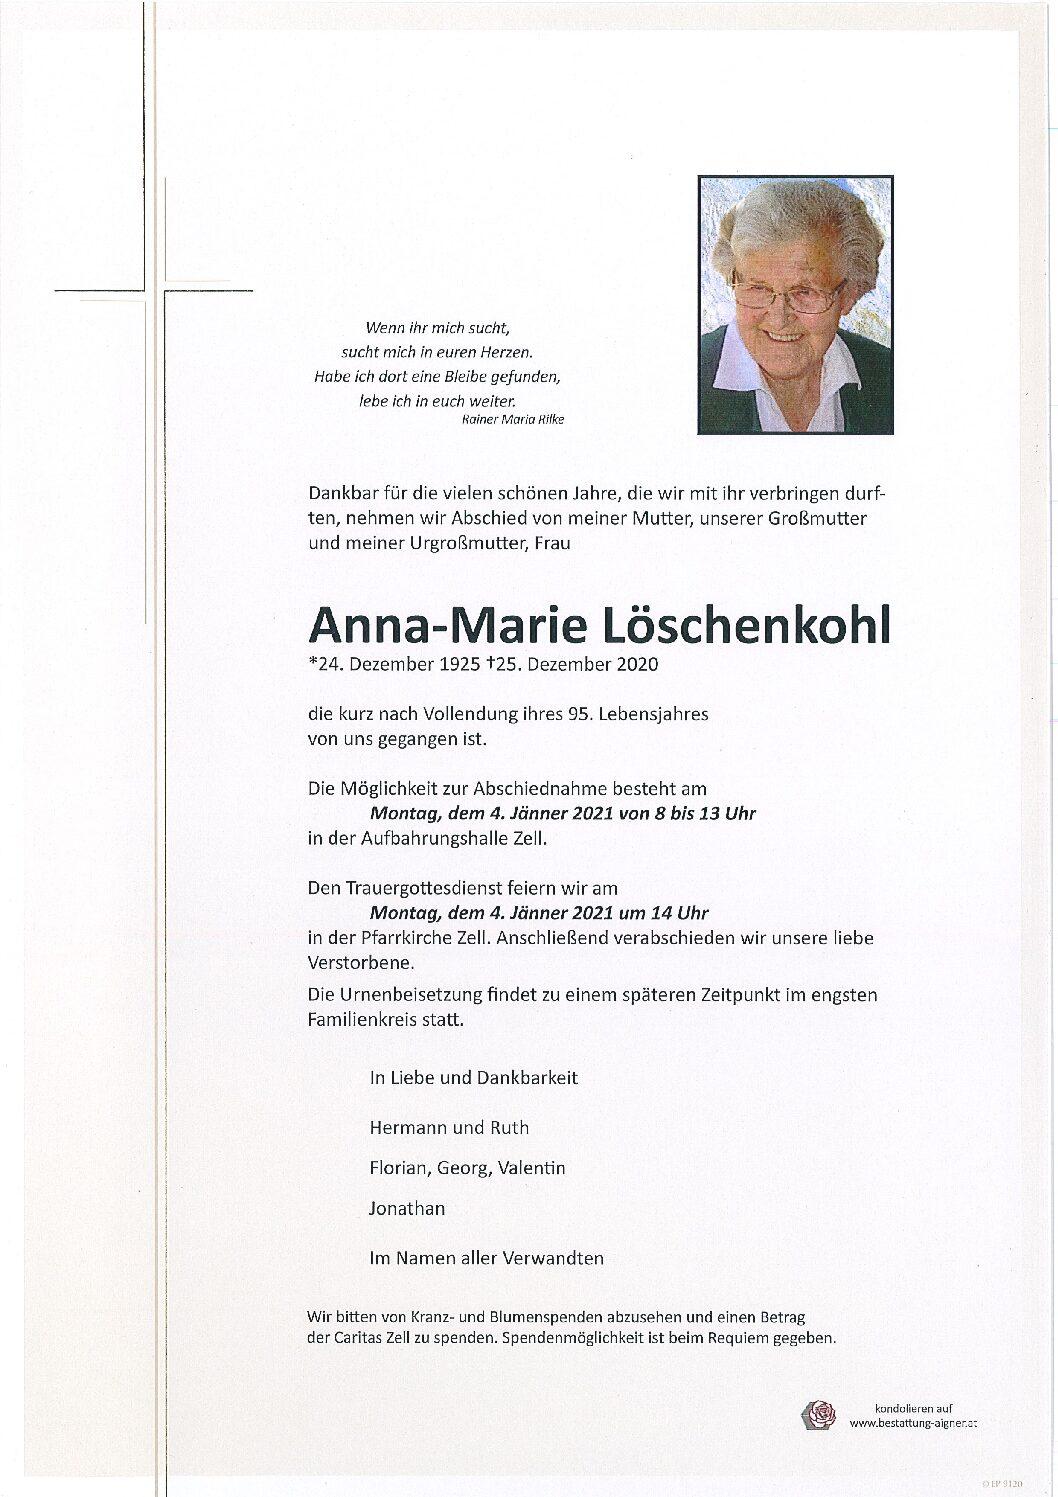 Anna-Marie Löschenkohl